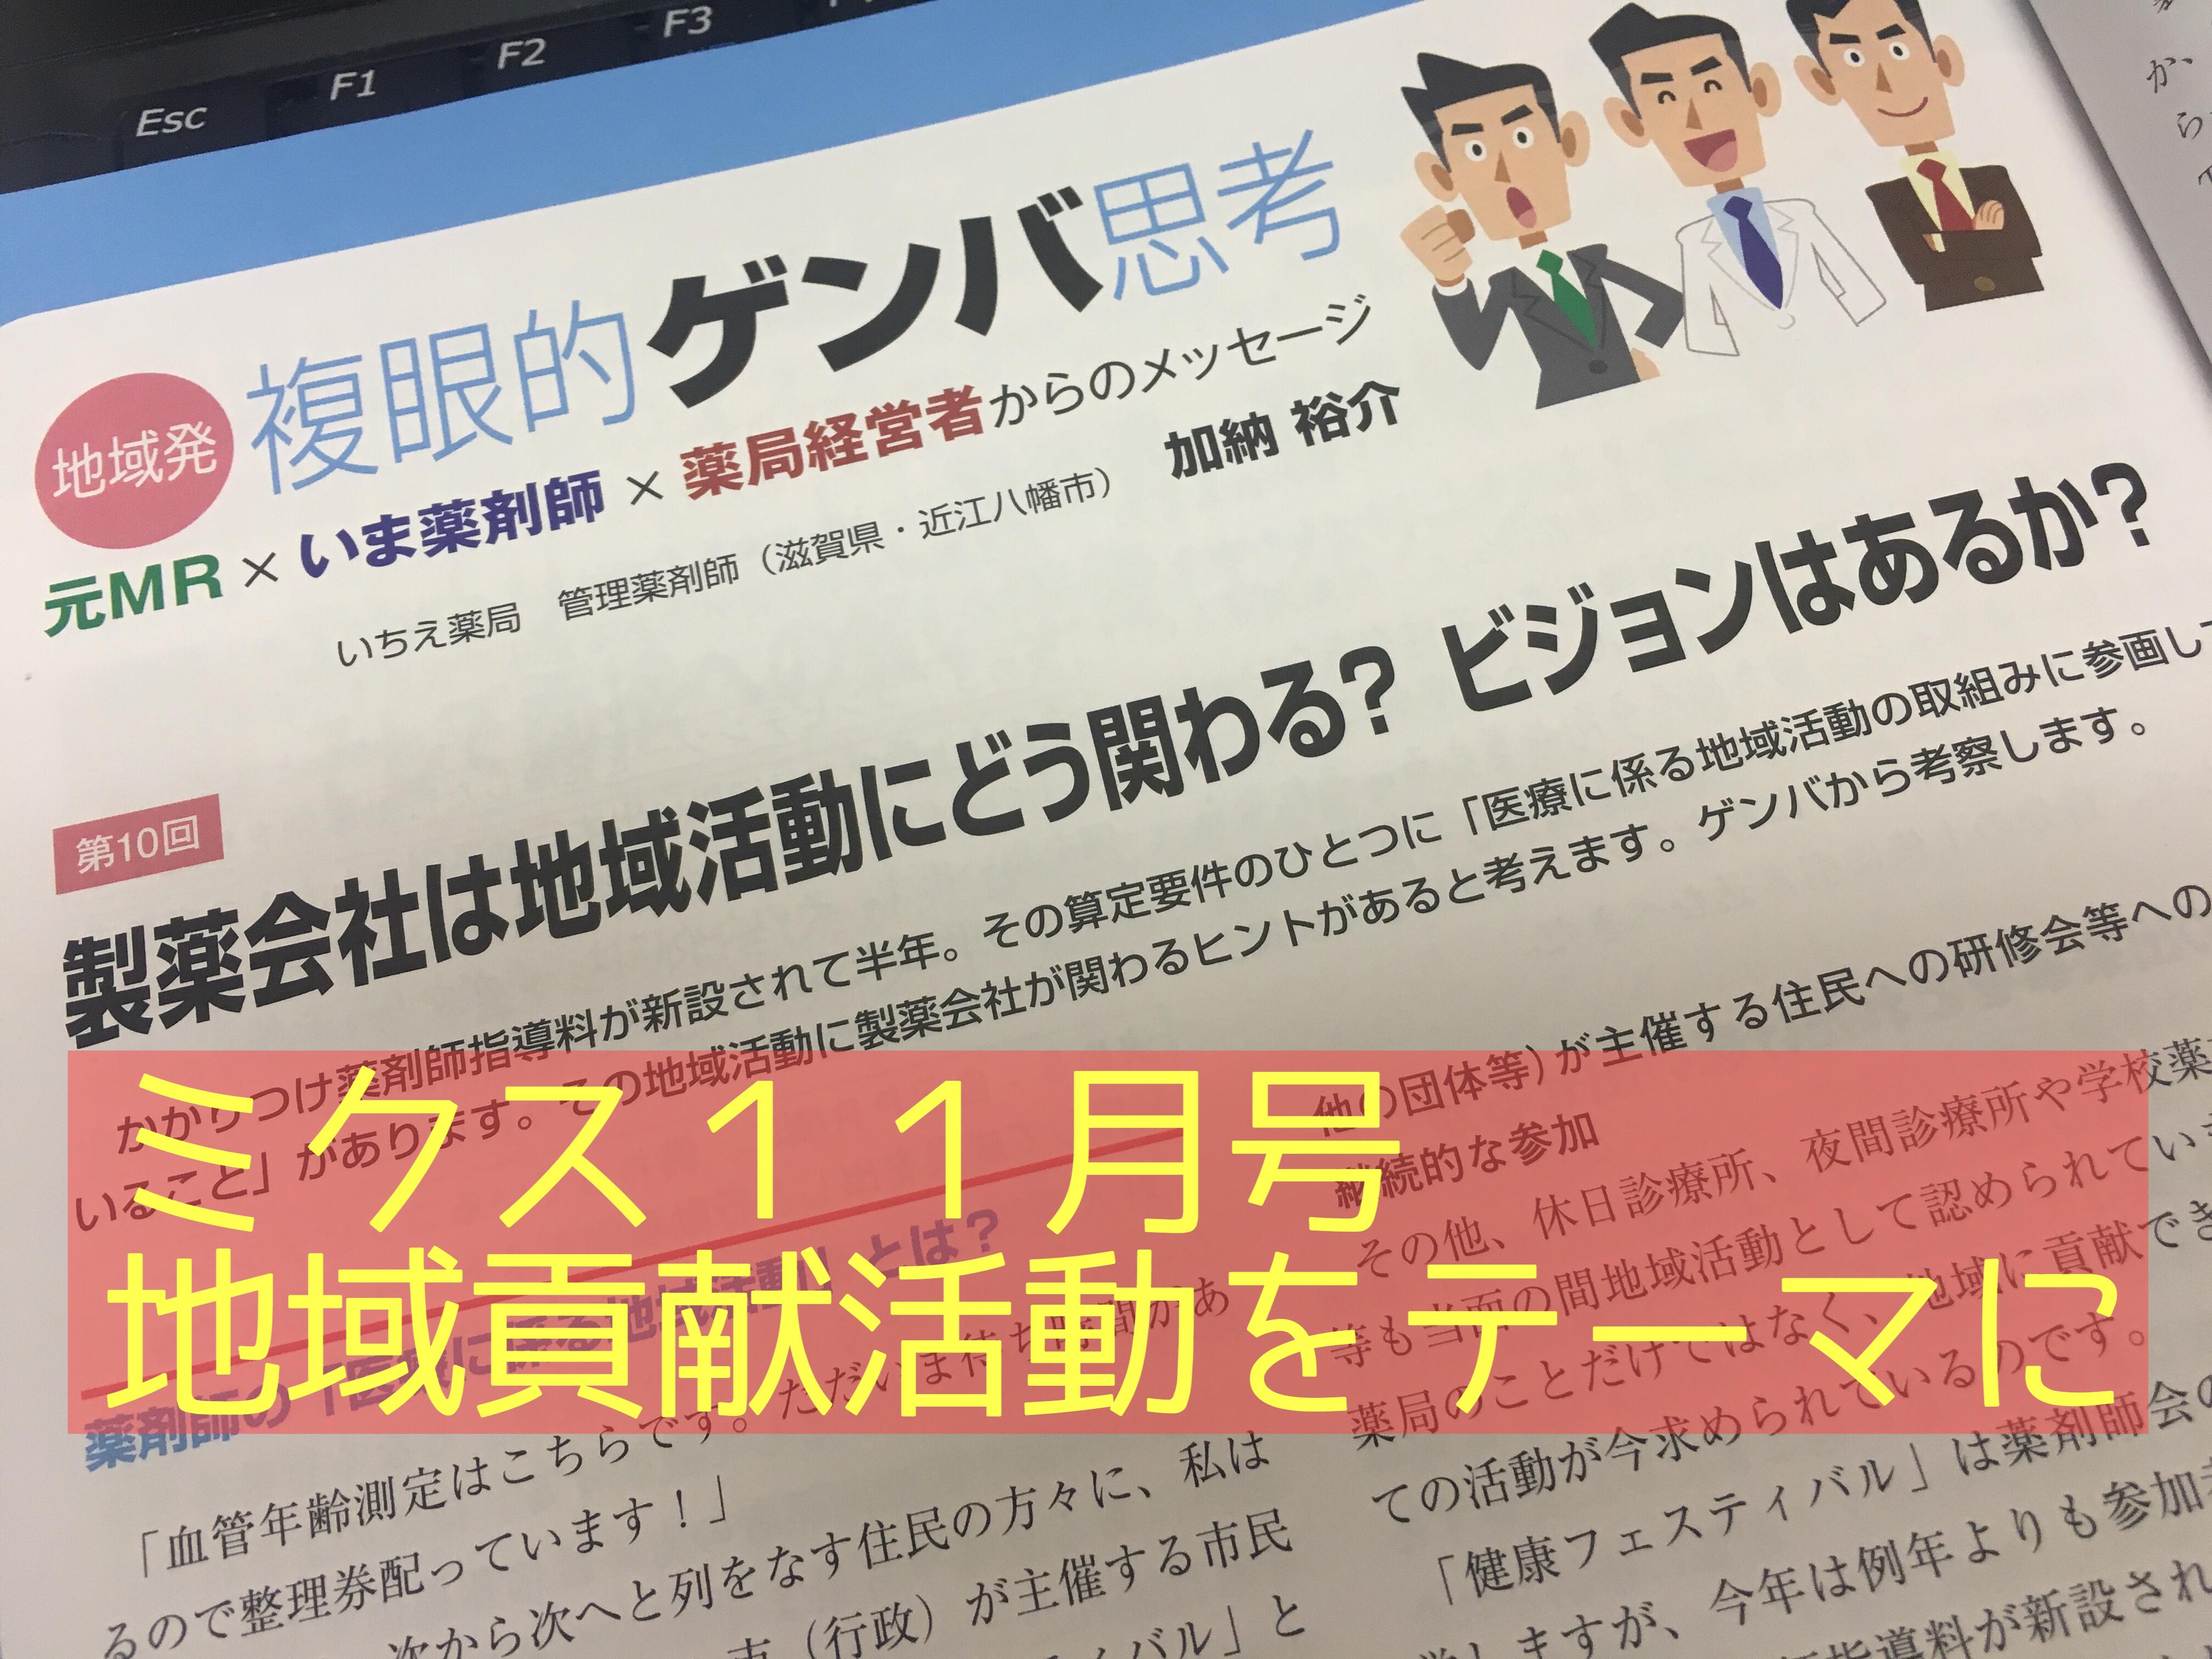 【必見!】ミクス11月号は『地域貢献活動』をテーマに!!